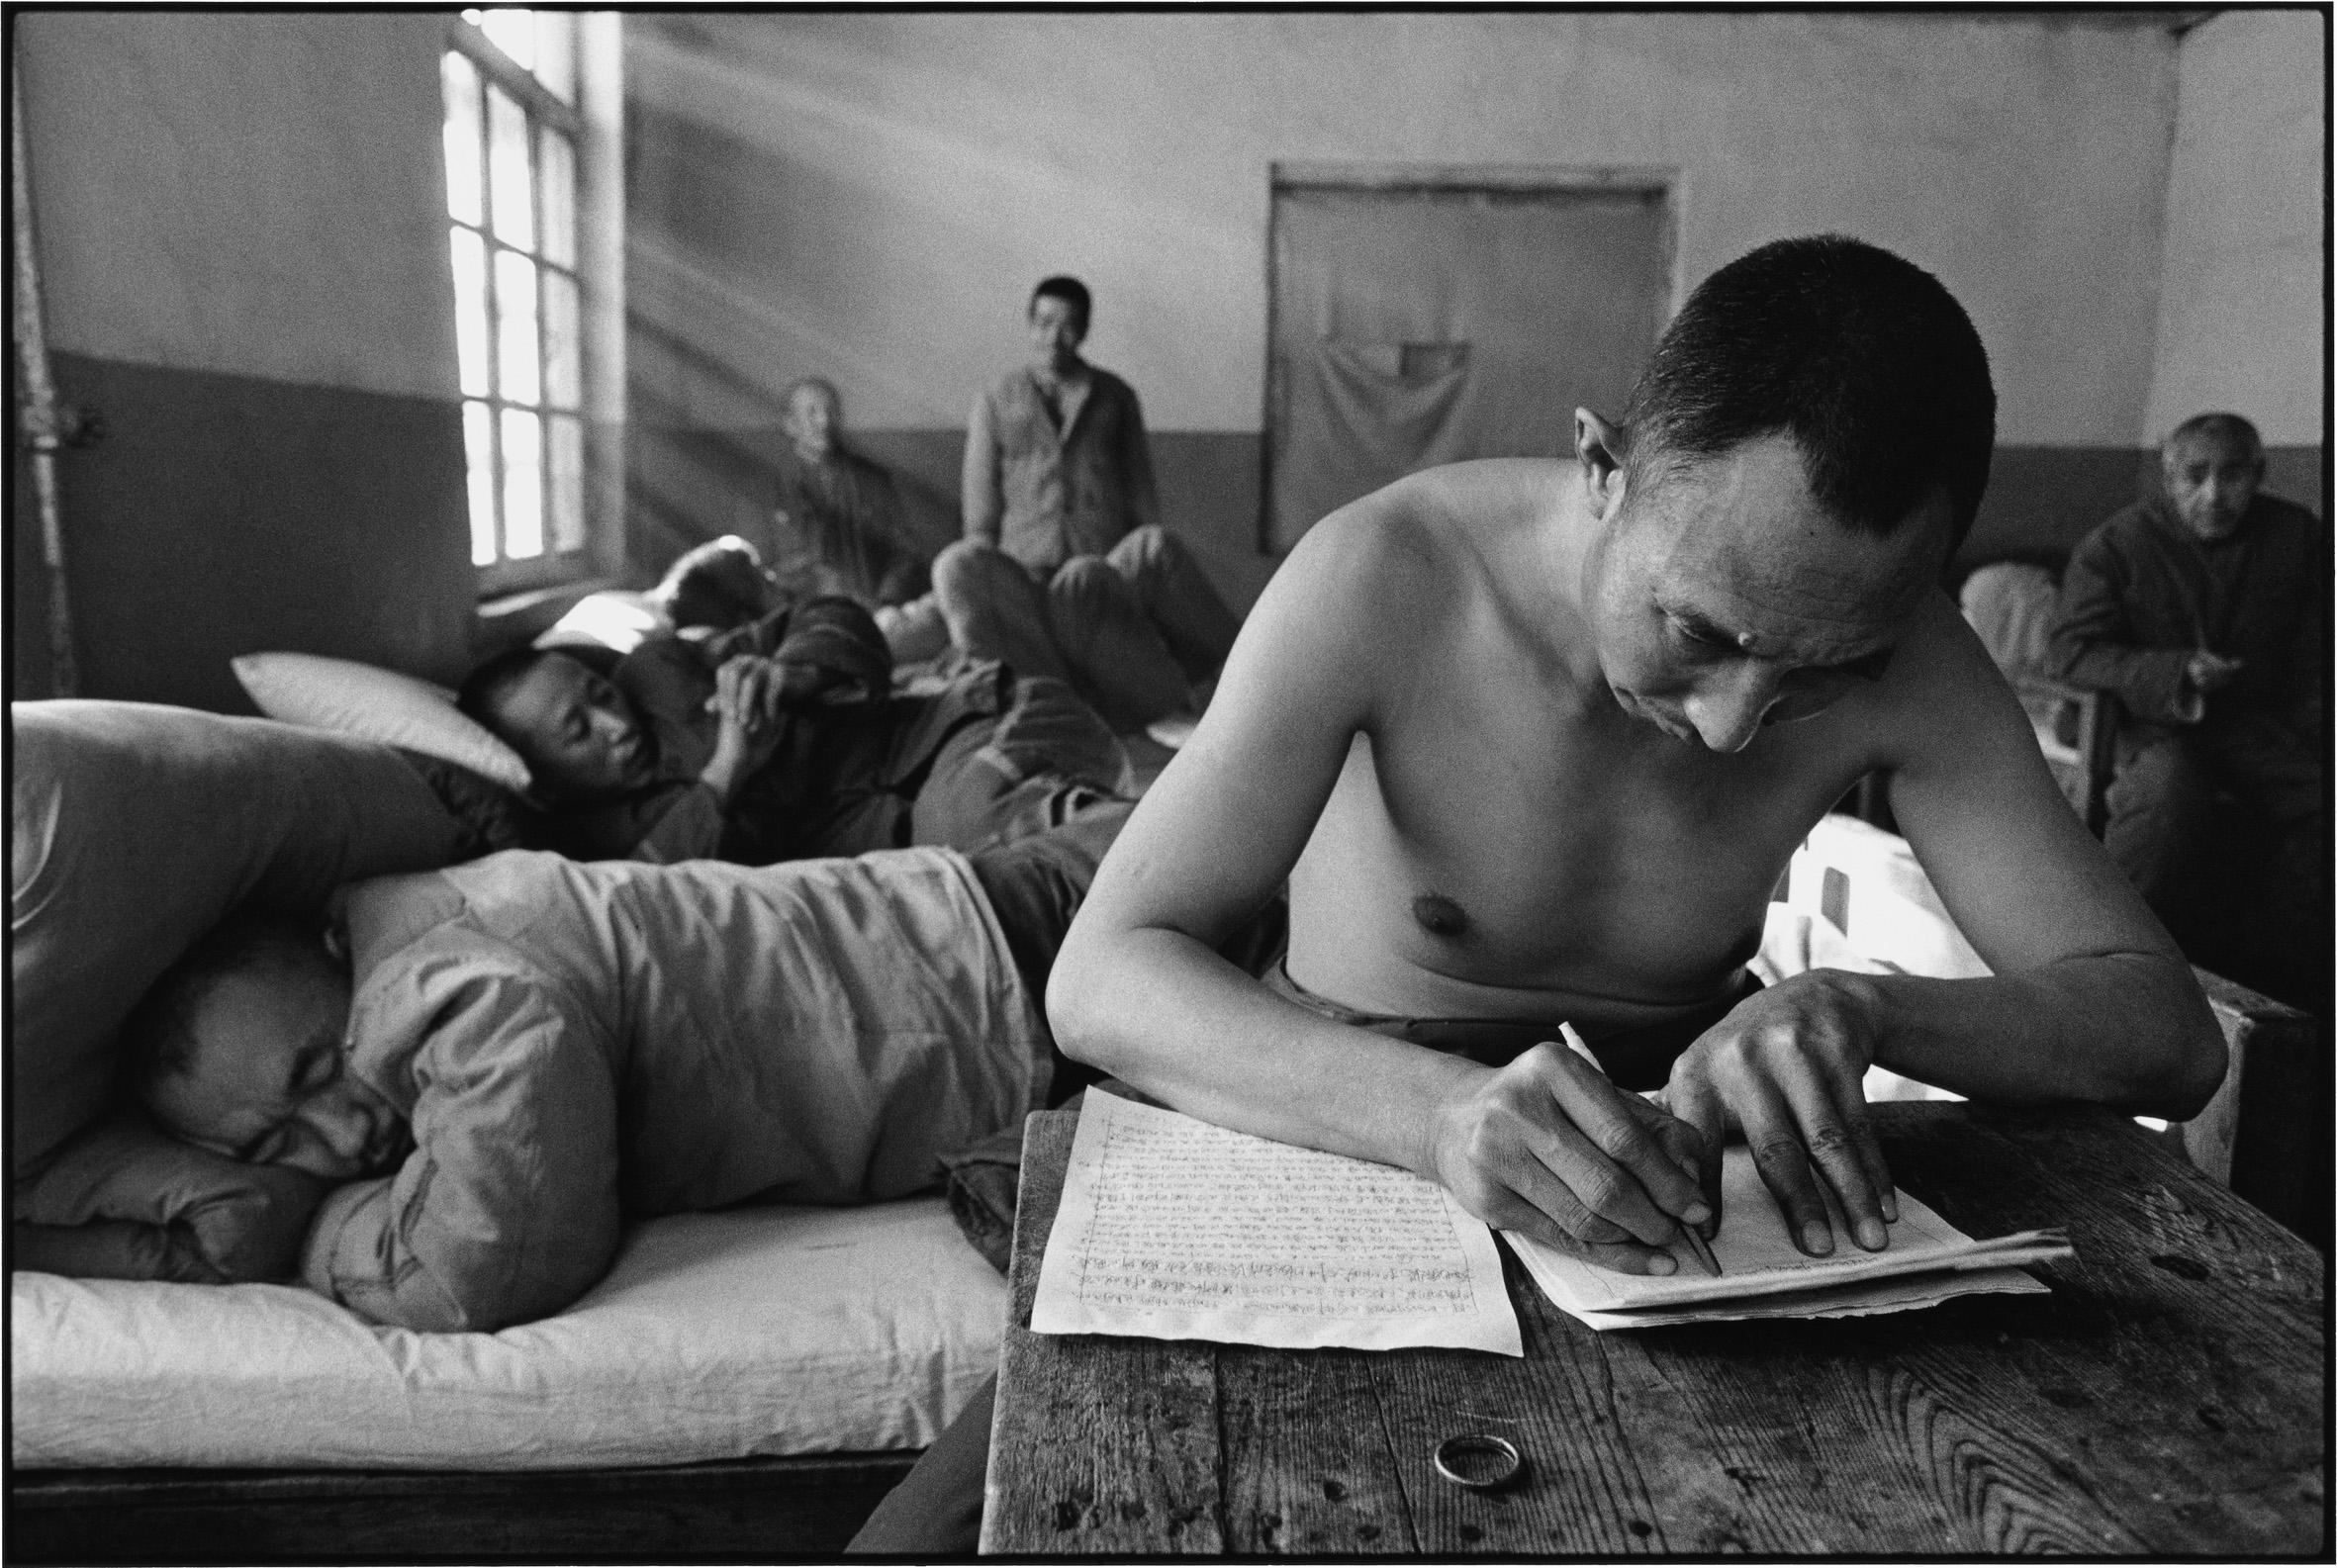 Mental hospital, Heilongjiang, China